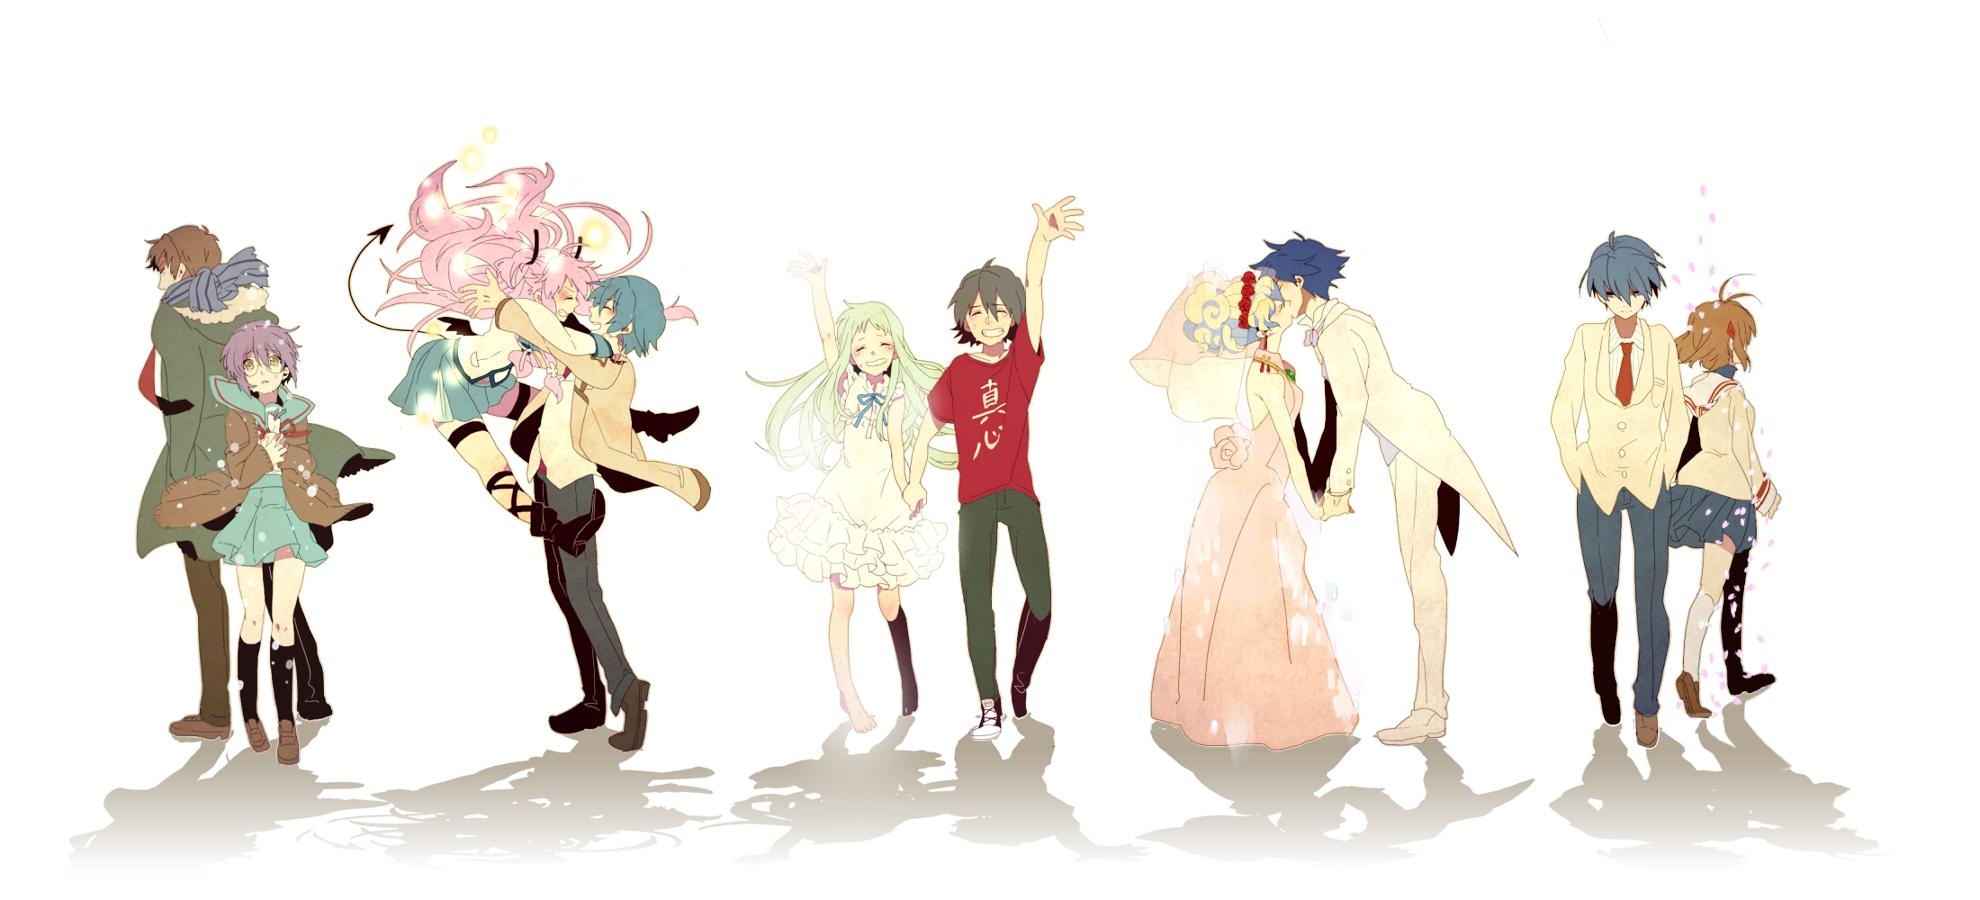 Tags: Fanart, Suzumiya Haruhi no Yuuutsu, CLANNAD, KEY (Studio), Tengen Toppa Gurren-Lagann, Nagato Yuki, Kyon, Furukawa Nagisa, Okazaki Tomoya, Nia Teppelin, Pixiv, Simon (Tengen Toppa Gurren-Lagann), Angel Beats!, Nakamura Yuri, Hinata Hideki, Yui (Angel Beats!), Ano Hi Mita Hana no Namae o Bokutachi wa Mada Shiranai., Honma Meiko, Yadomi Jinta, Takumi (Scya), Facebook Cover